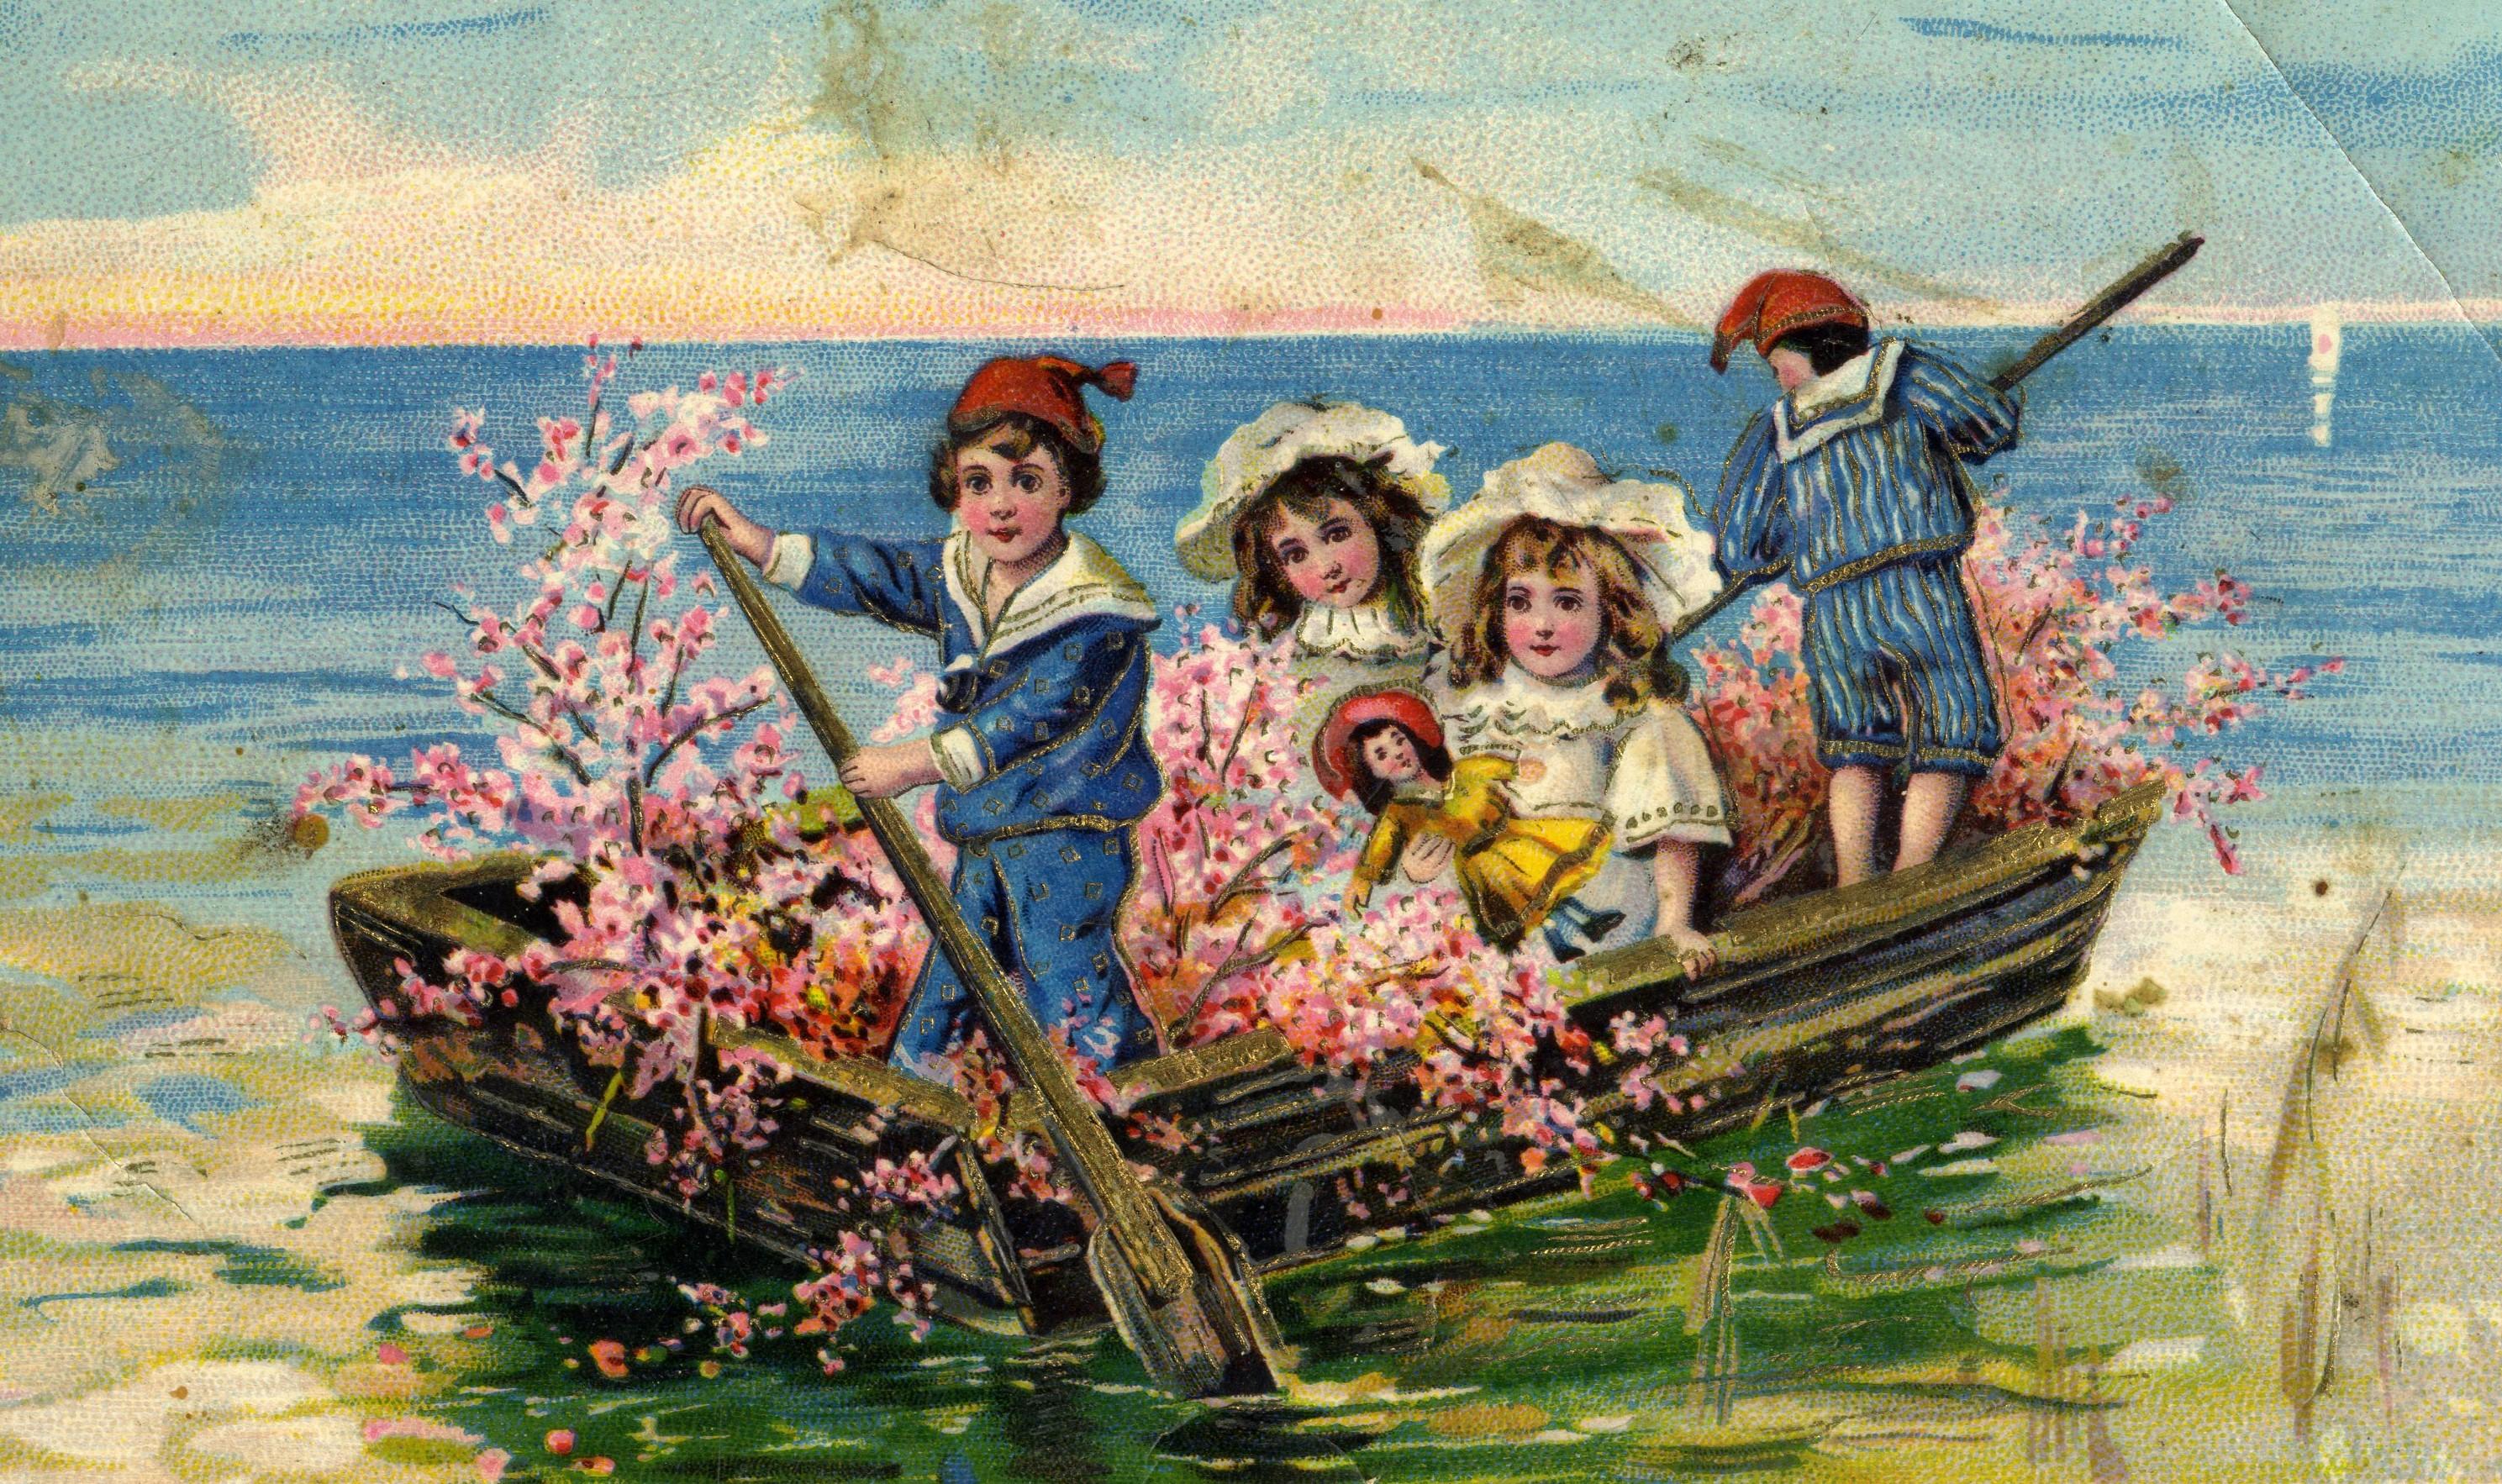 Jūras svētki ienāk Ventspils muzejā